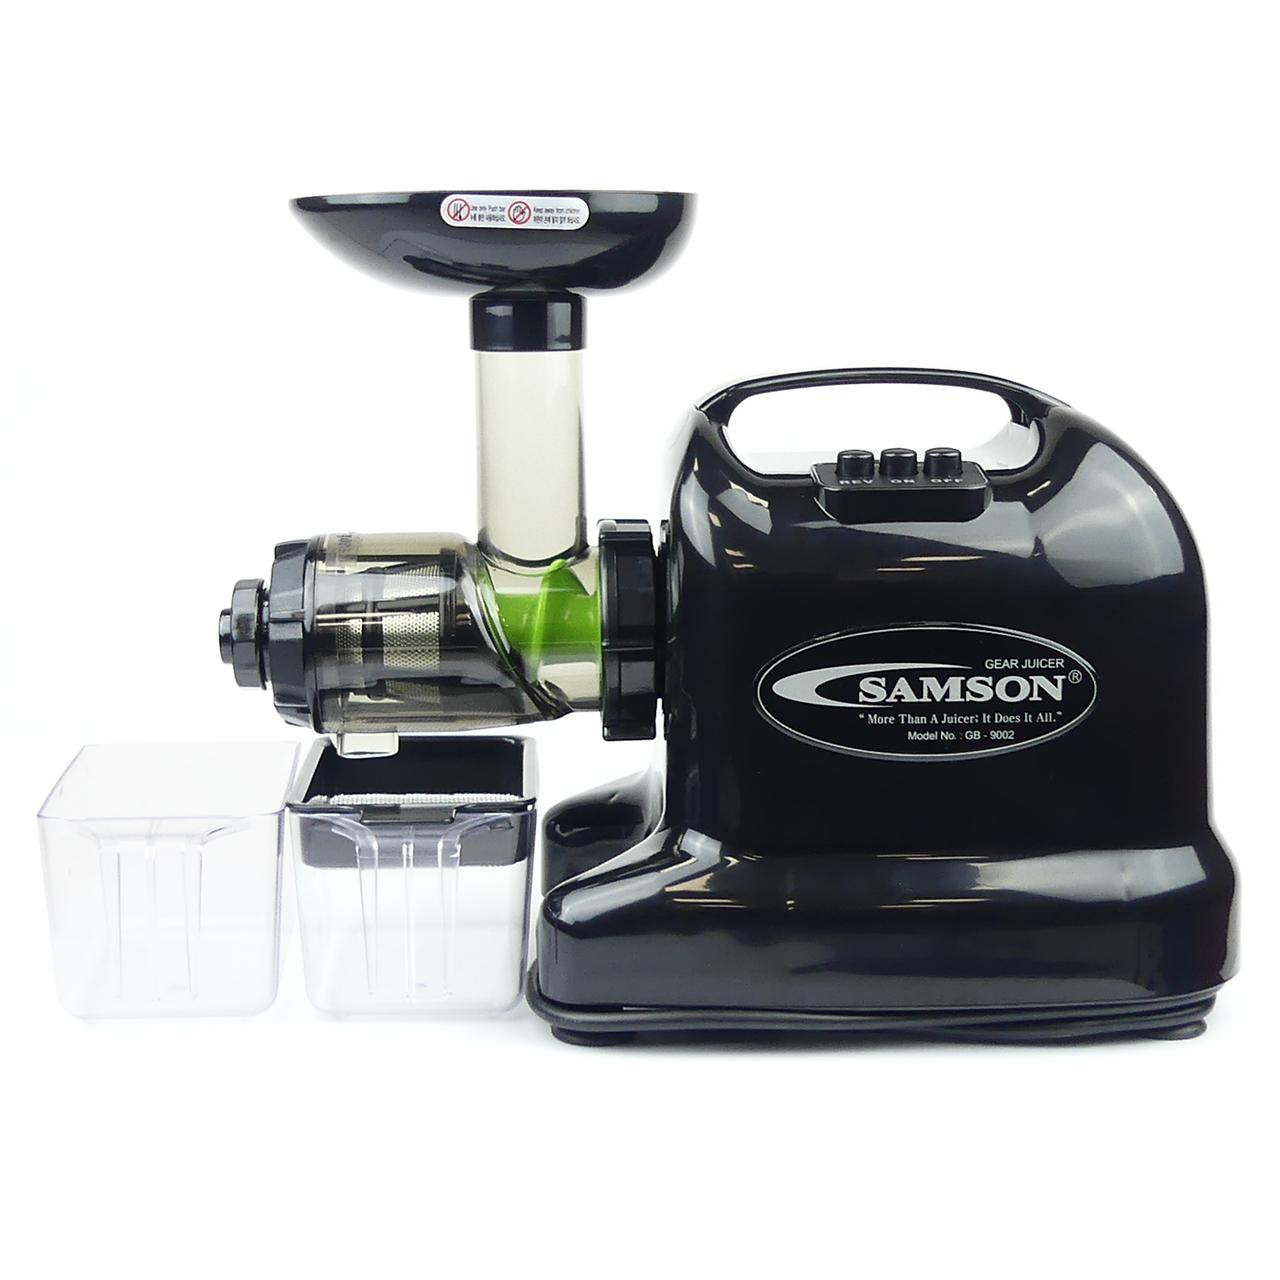 Samson Juicer GB 9002 in Black